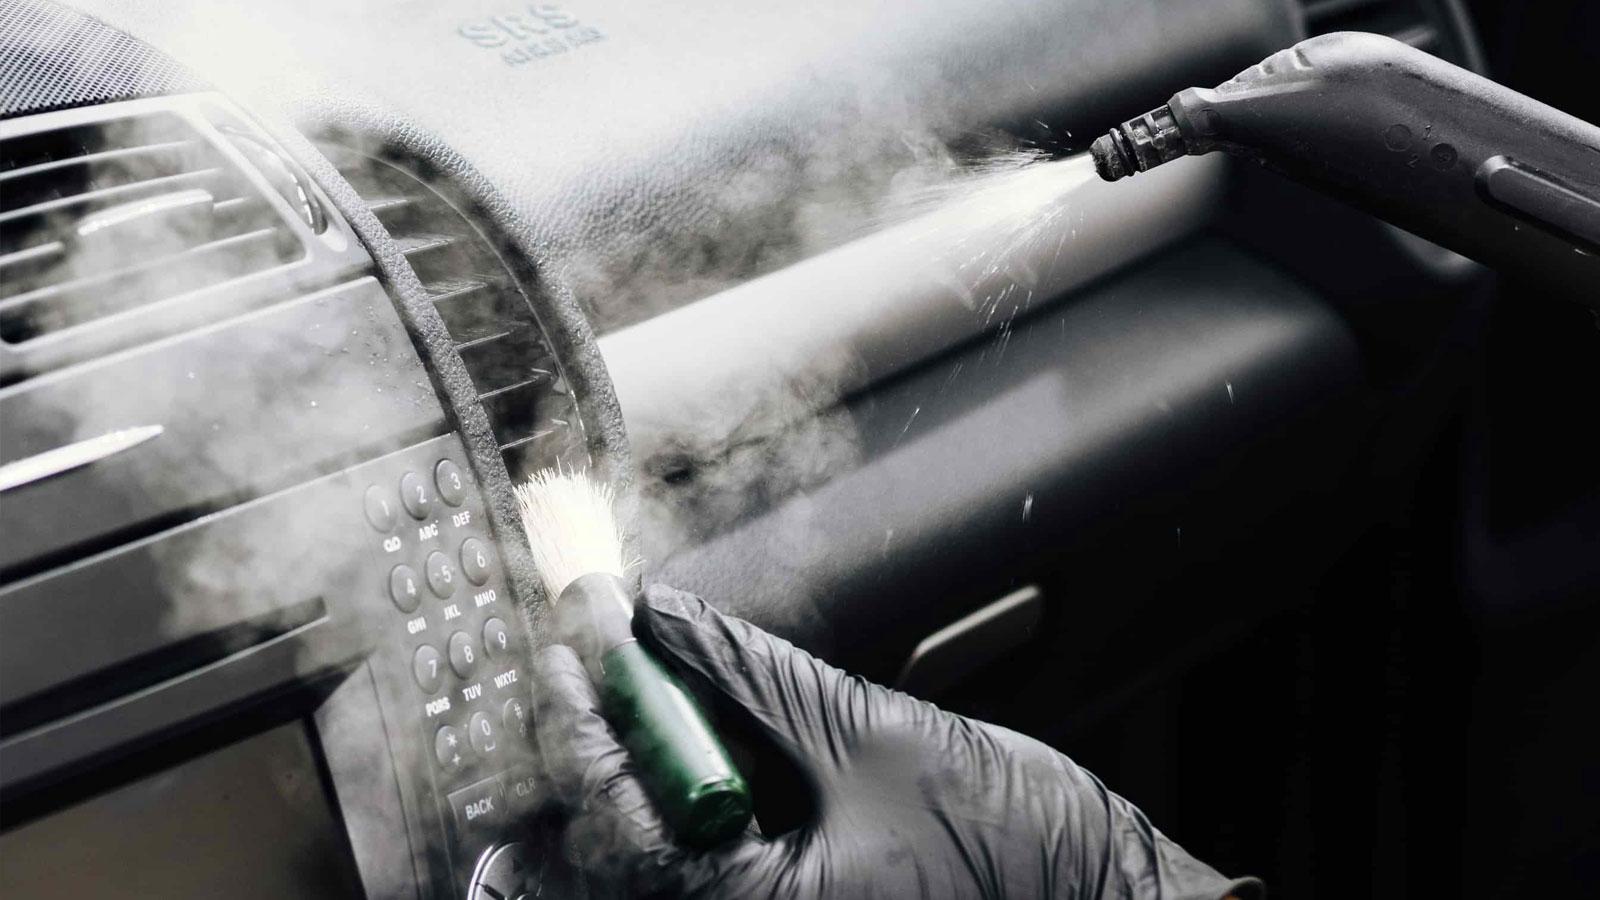 sanificazione interni auto ozono